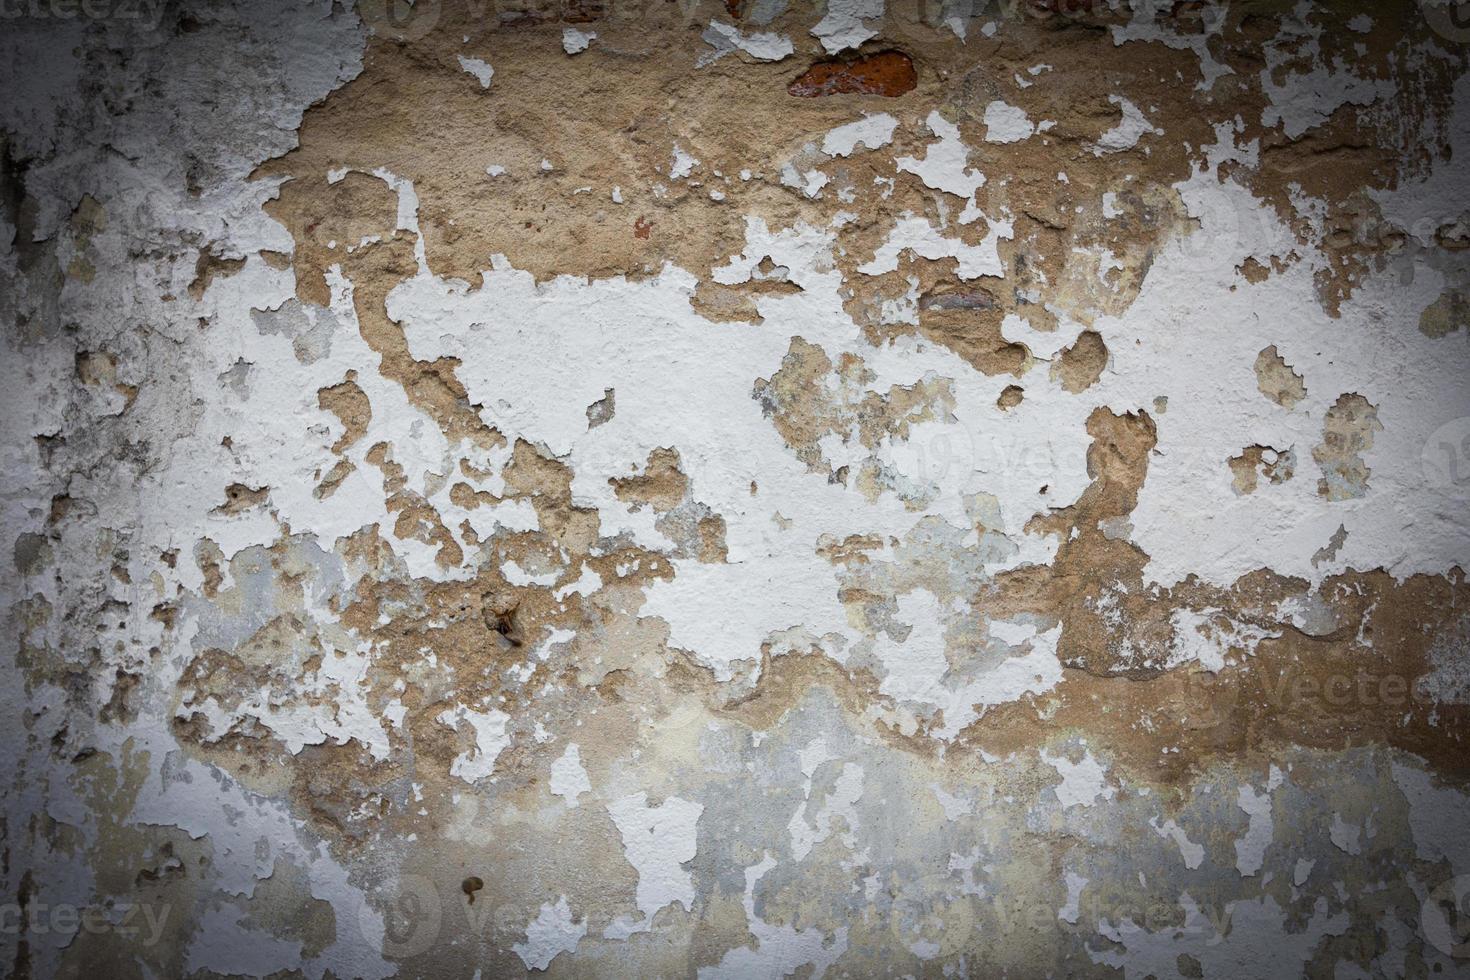 oude muur textuur grunge achtergrond en zwart vignet foto